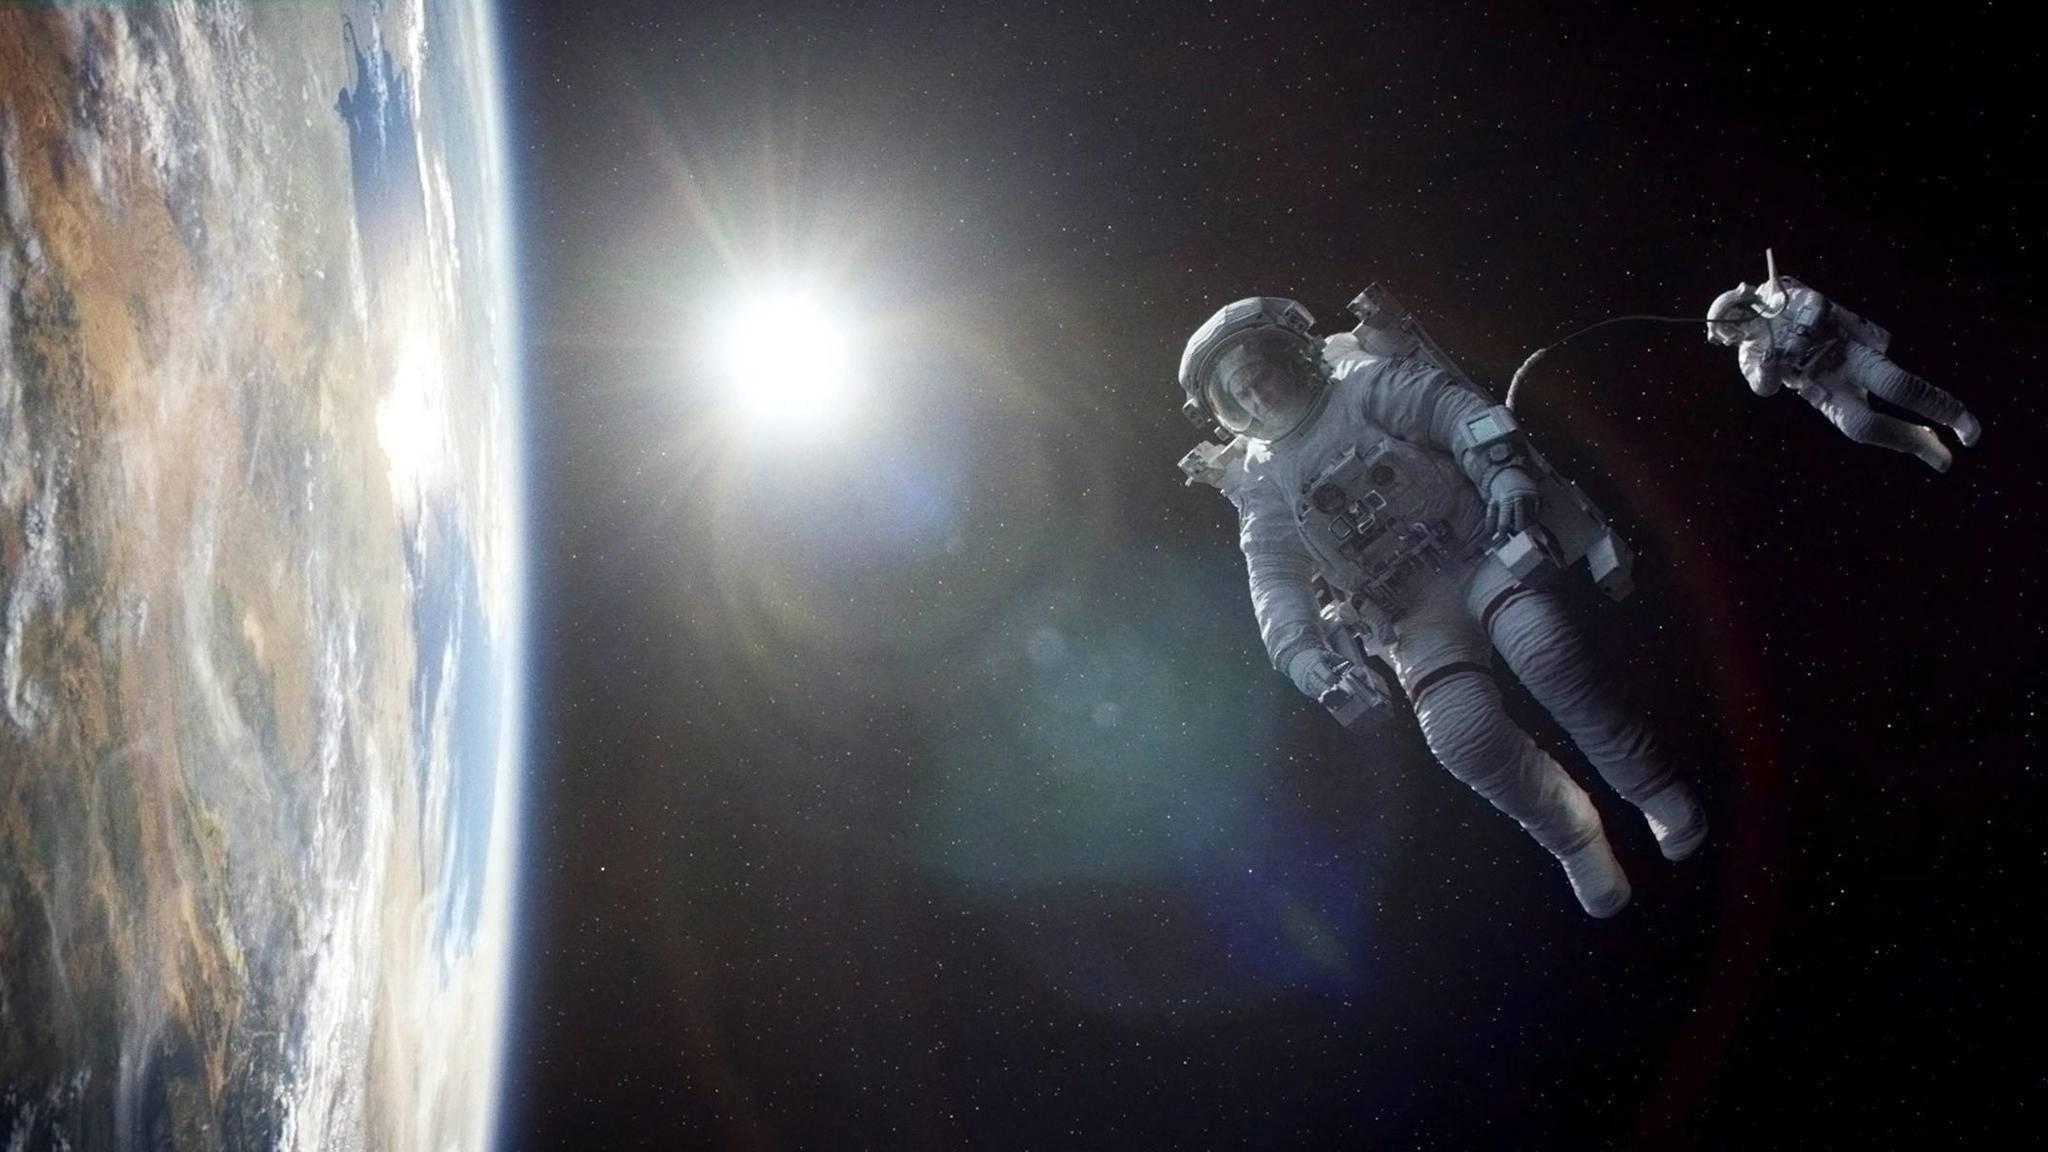 """Ganze zwölf Minuten verfolgt der Zuschauer die beiden Astronauten zu Beginn von """"Gravity""""."""